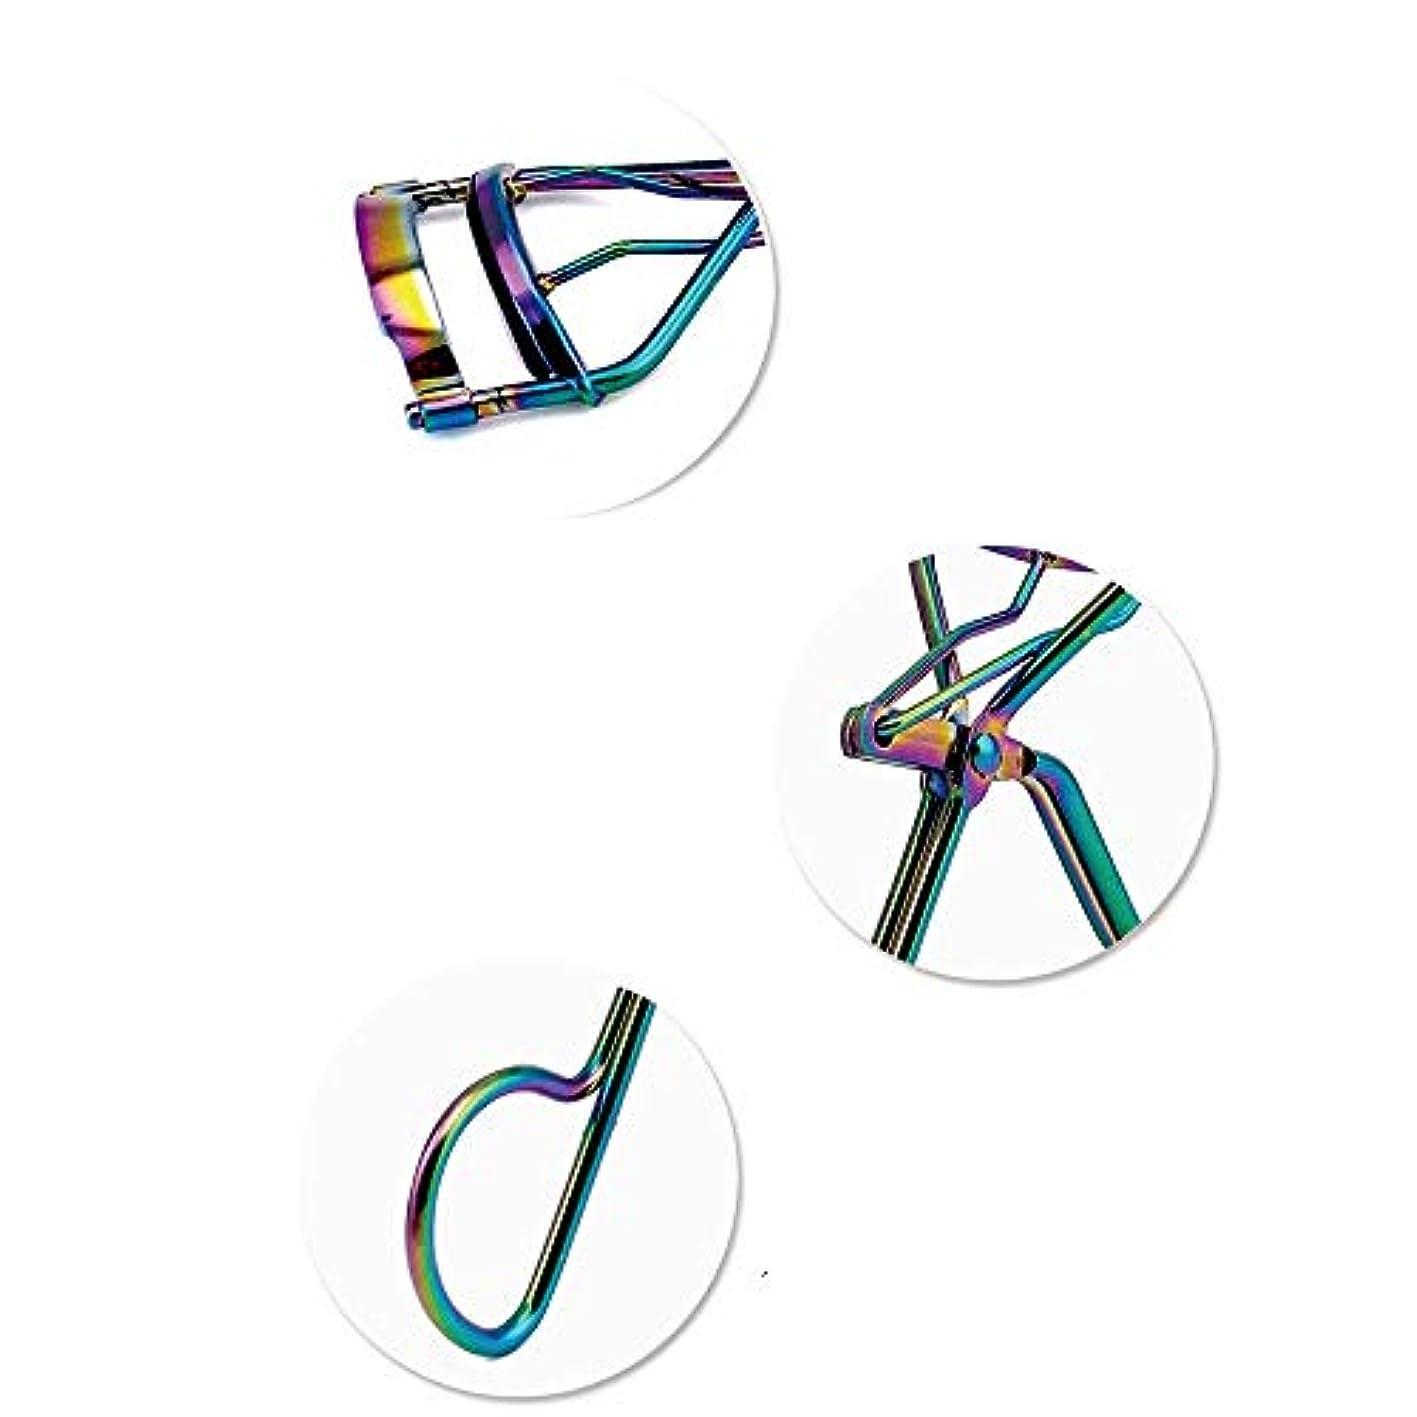 心のこもった前件懲戒プロフェッショナルハンドルアイカーリングまつげカーラークリップ美容メイクツール新機能